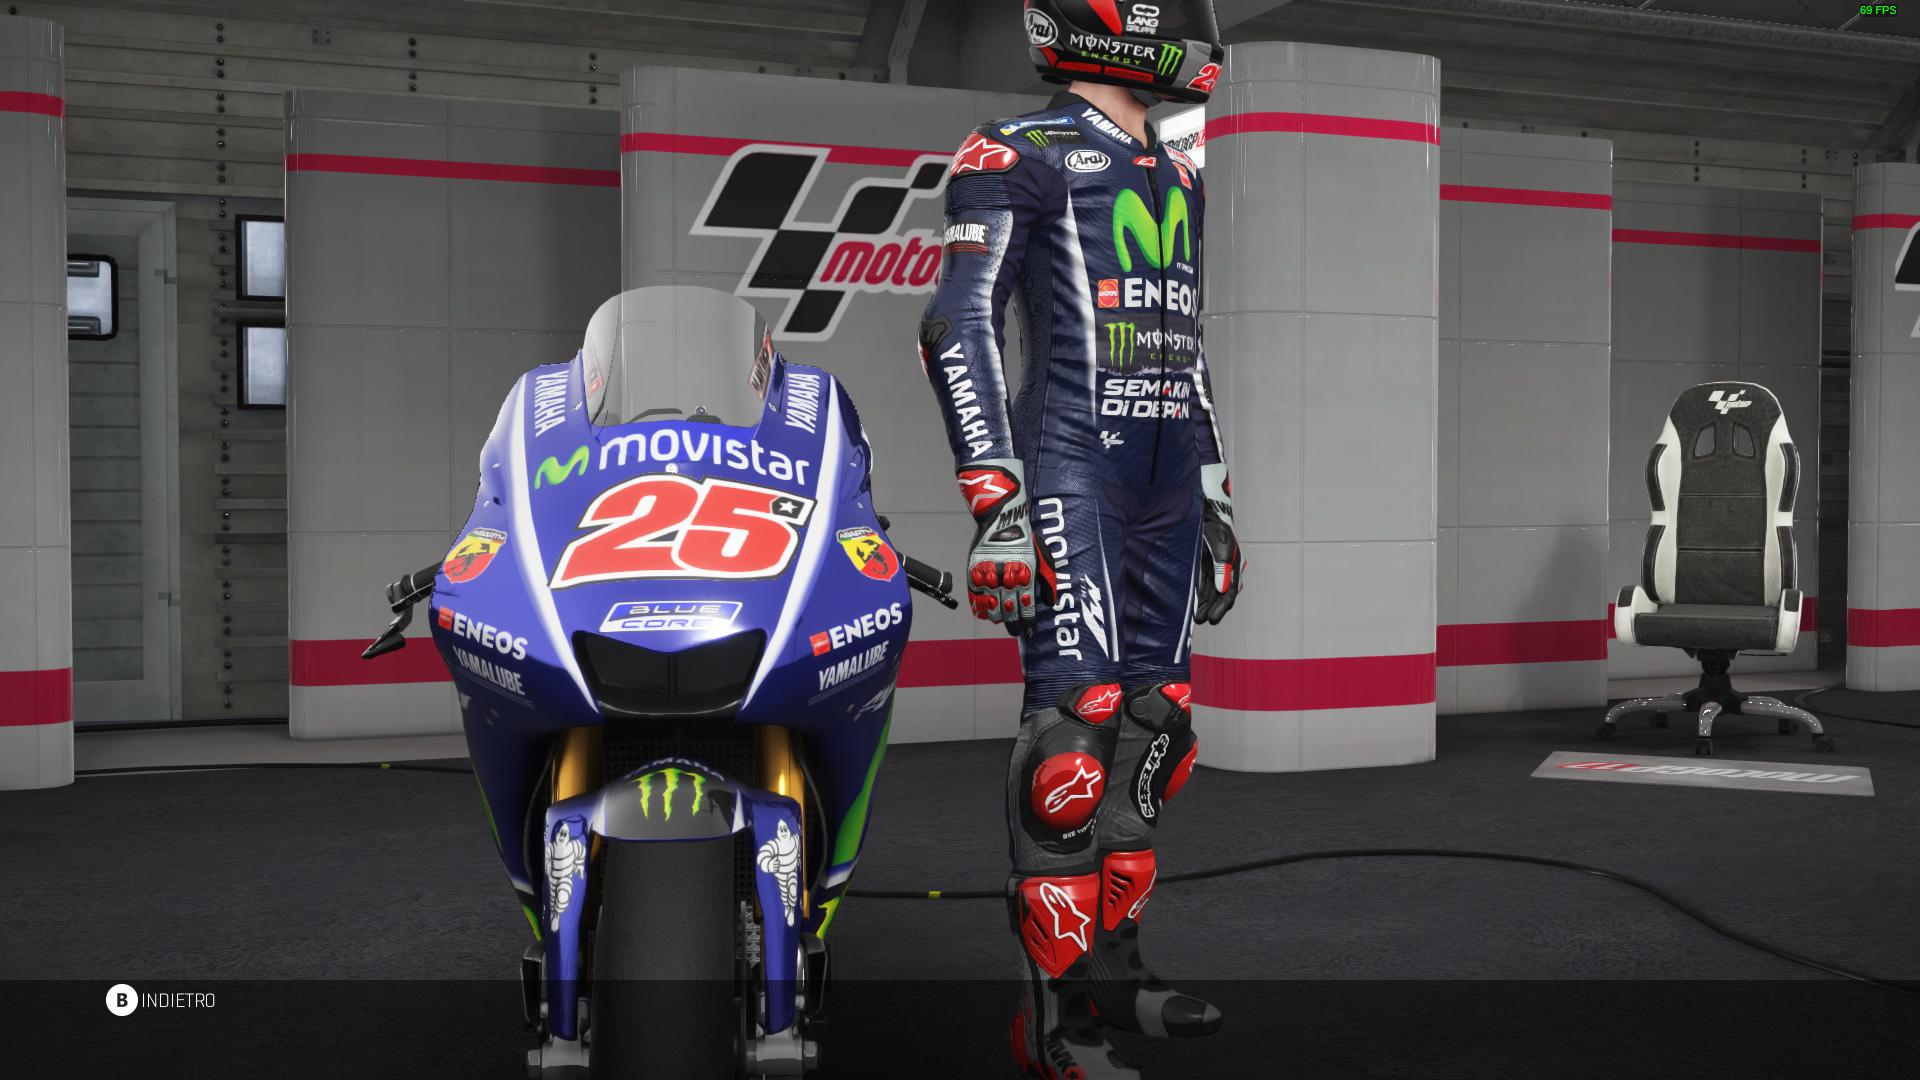 MotoGP™17 01_07_2017 16_08_21.jpg